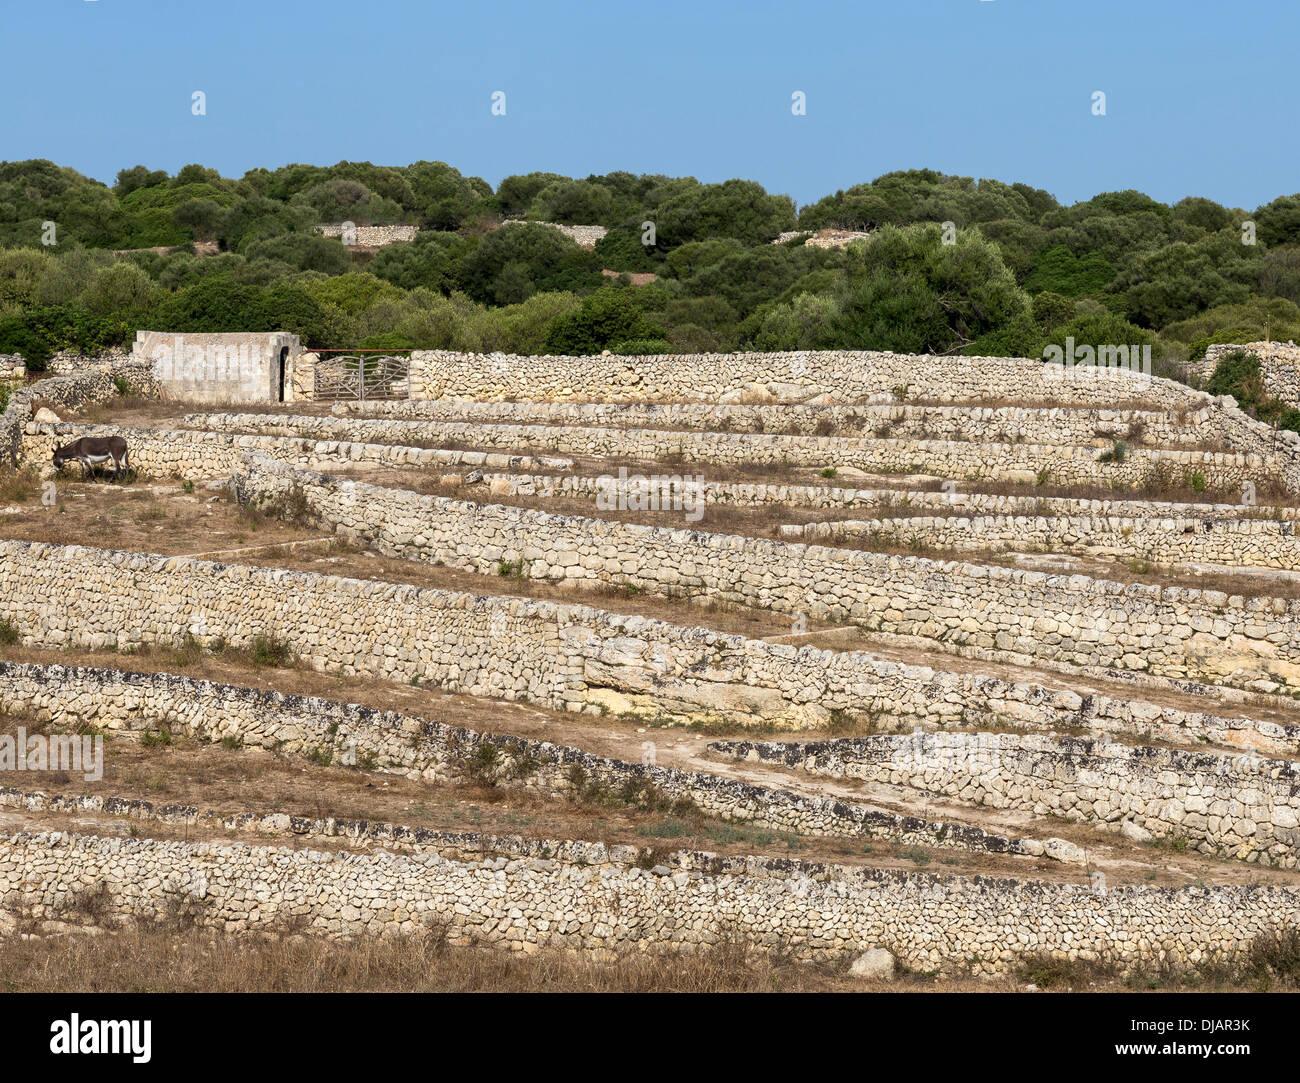 Murs de pierres sèches, pierres naturelles, Es Migjorn Gran, Minorque, Iles Baléares, Espagne Photo Stock